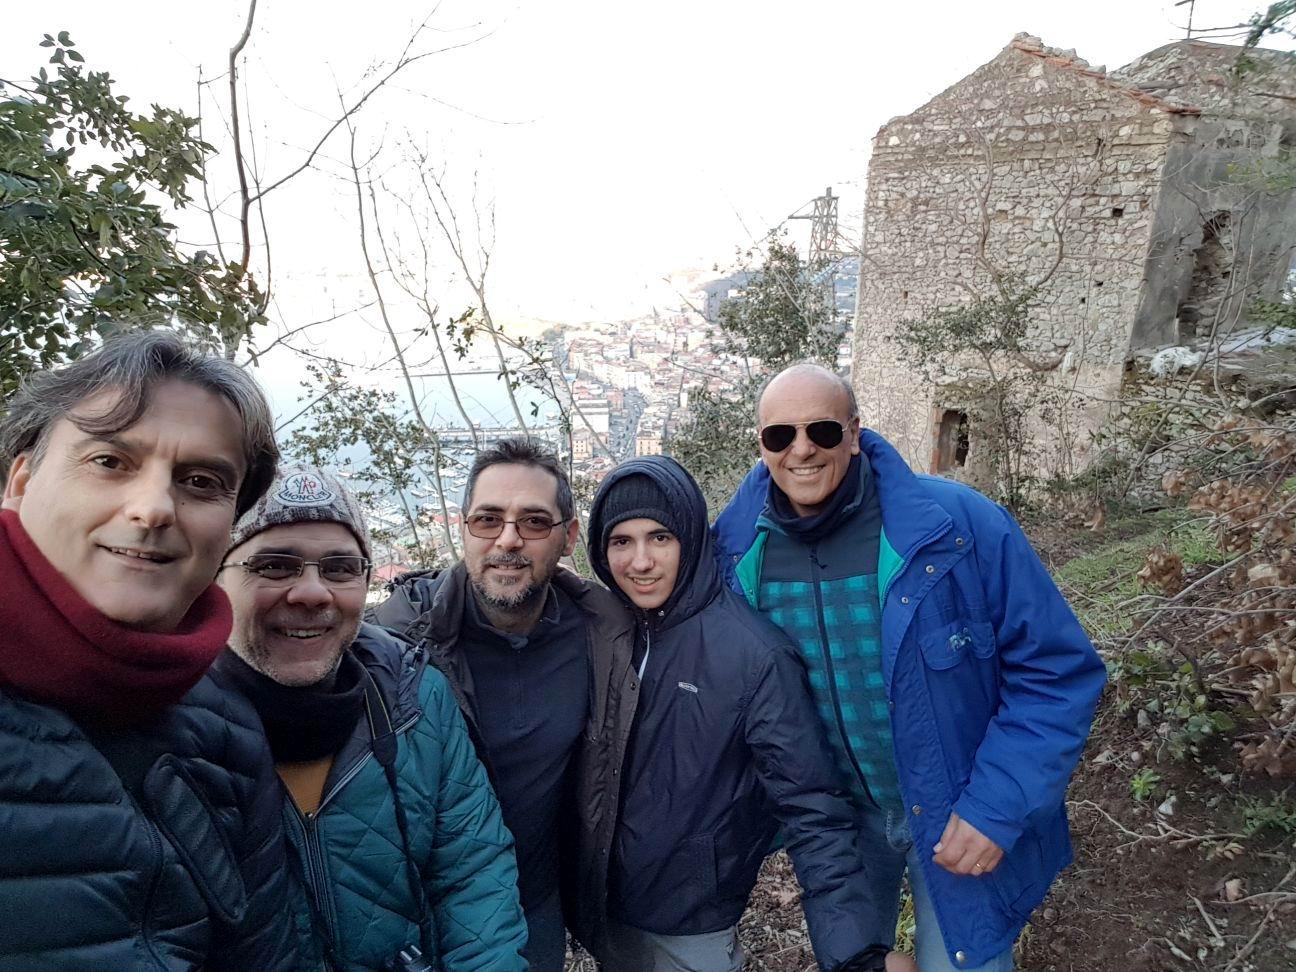 27 gennaio 2018: Sopralluogo alla chiesetta di San Raffaele: Pasquale, Enzo, Maurizio, Domenico e Corrado